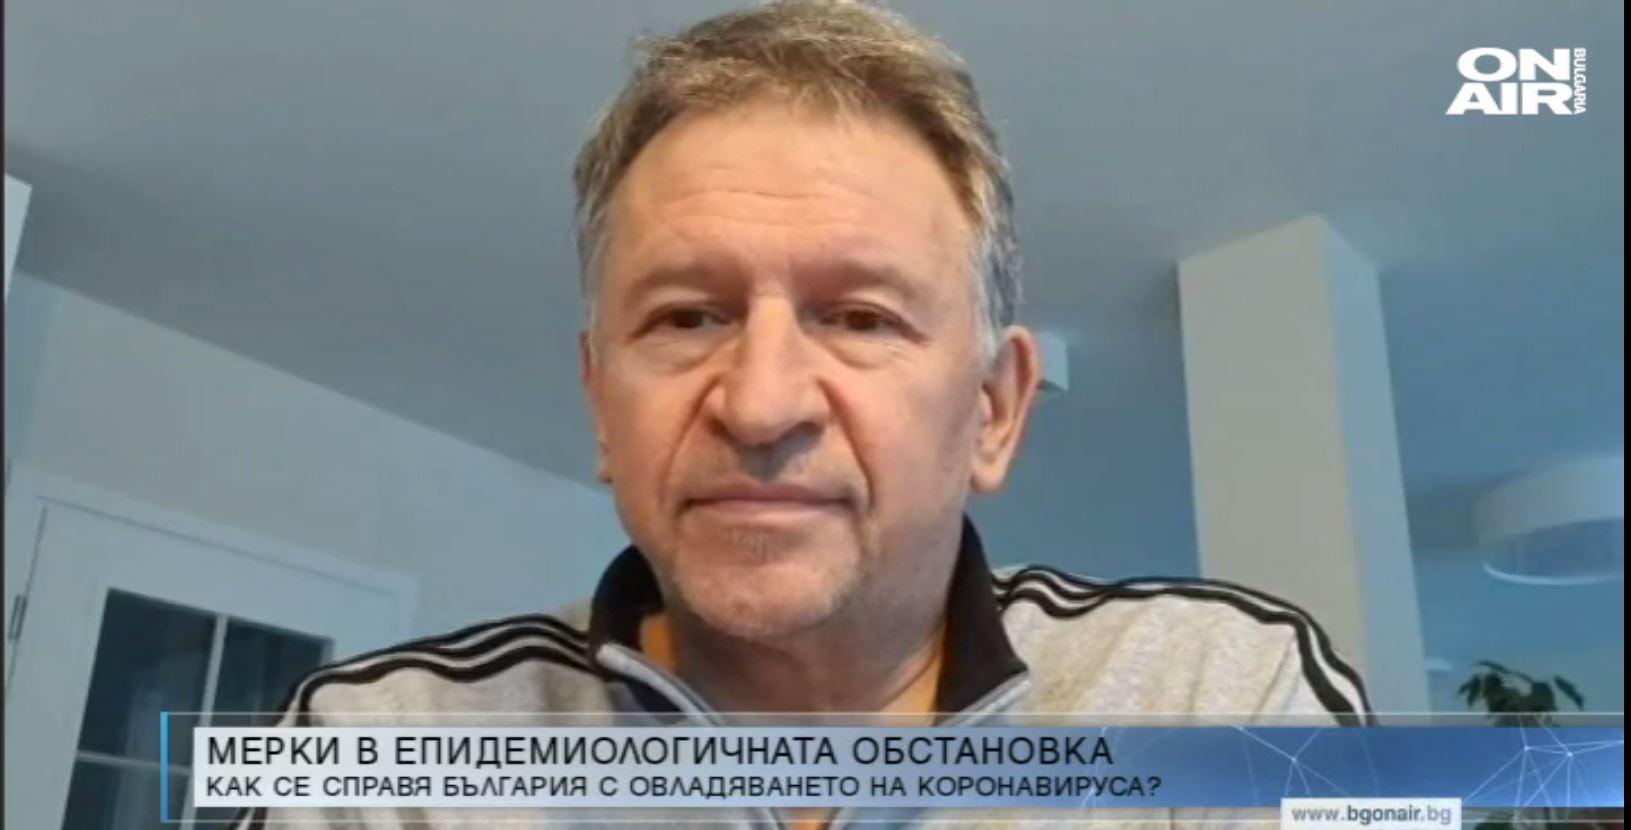 Д-р Стойчо Кацаров: Лекарите трябва да бъдат изследвани за COVID-19 непрекъснато